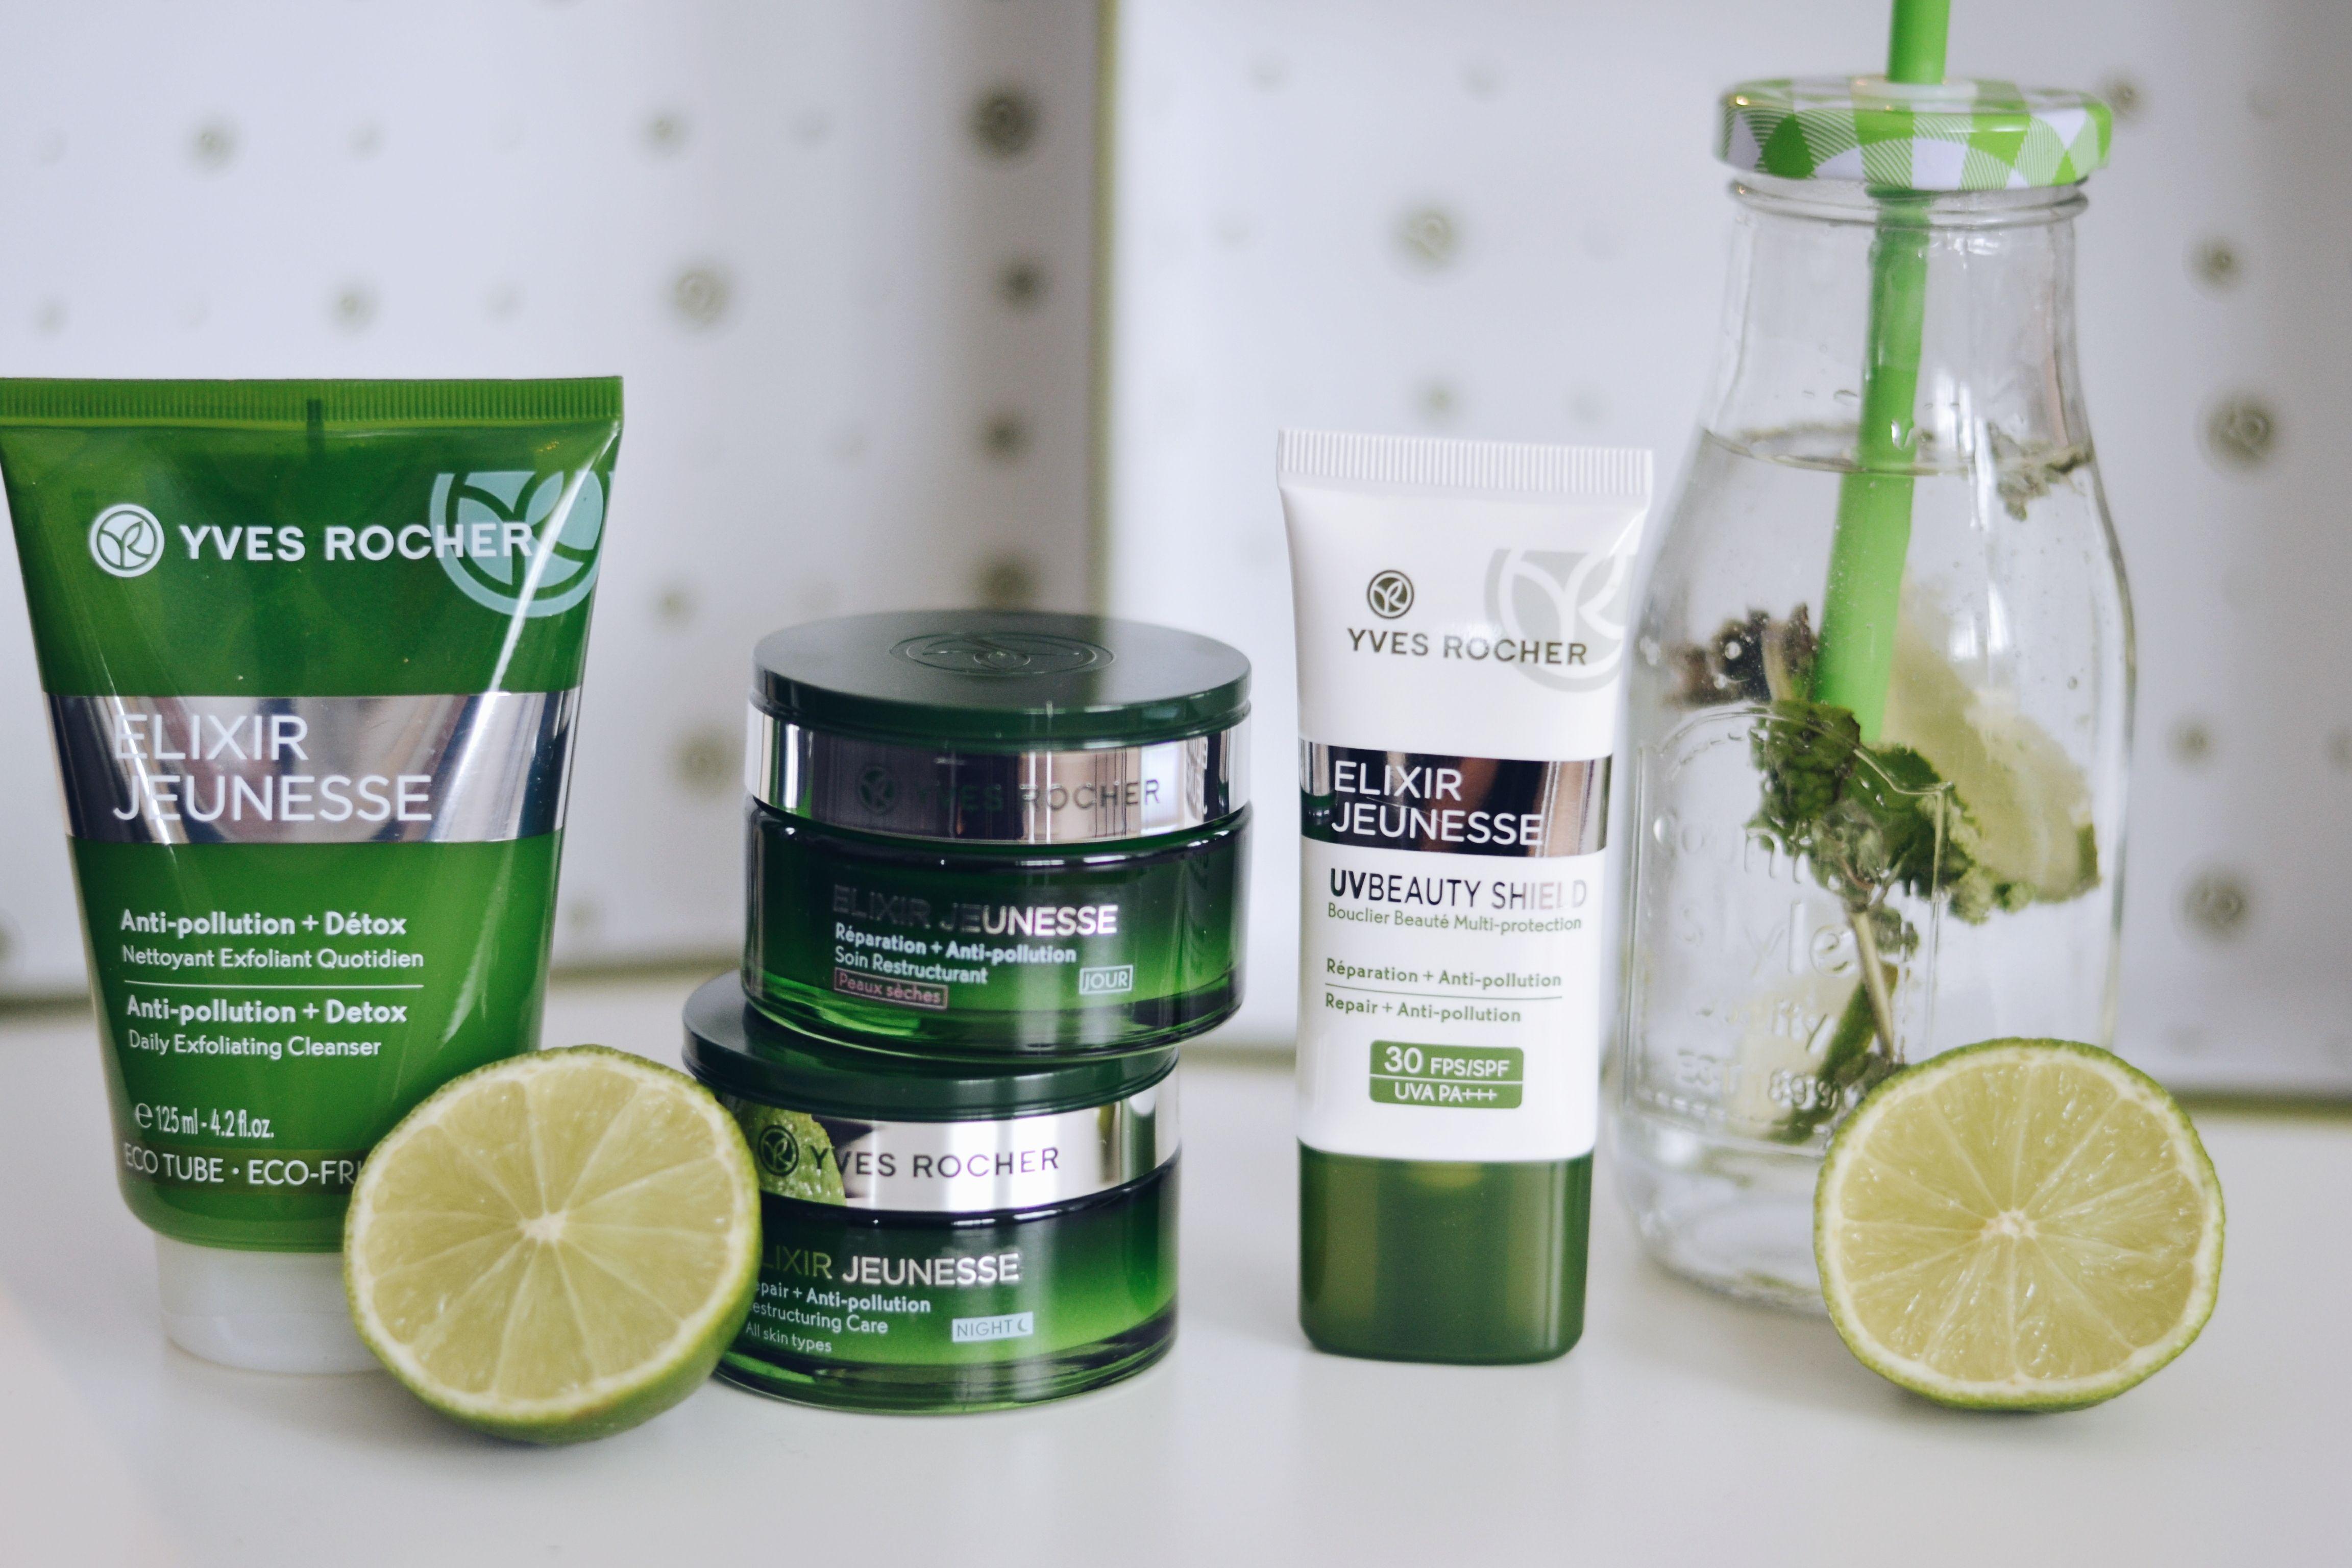 Yves Rocher Detox Makeup Yves Rocher Skin Care Beauty